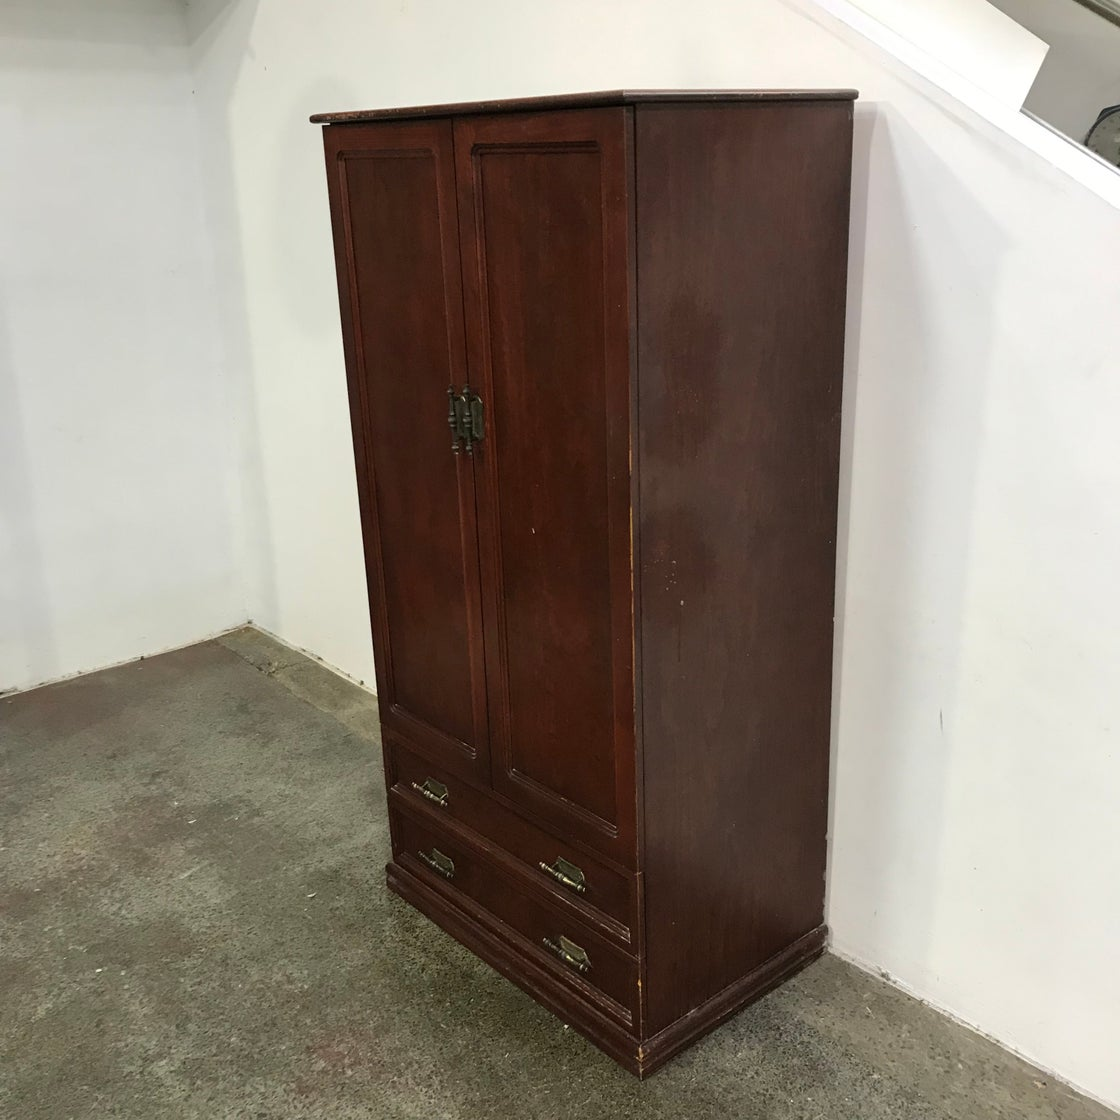 Image of TWO DOOR WARDROBE